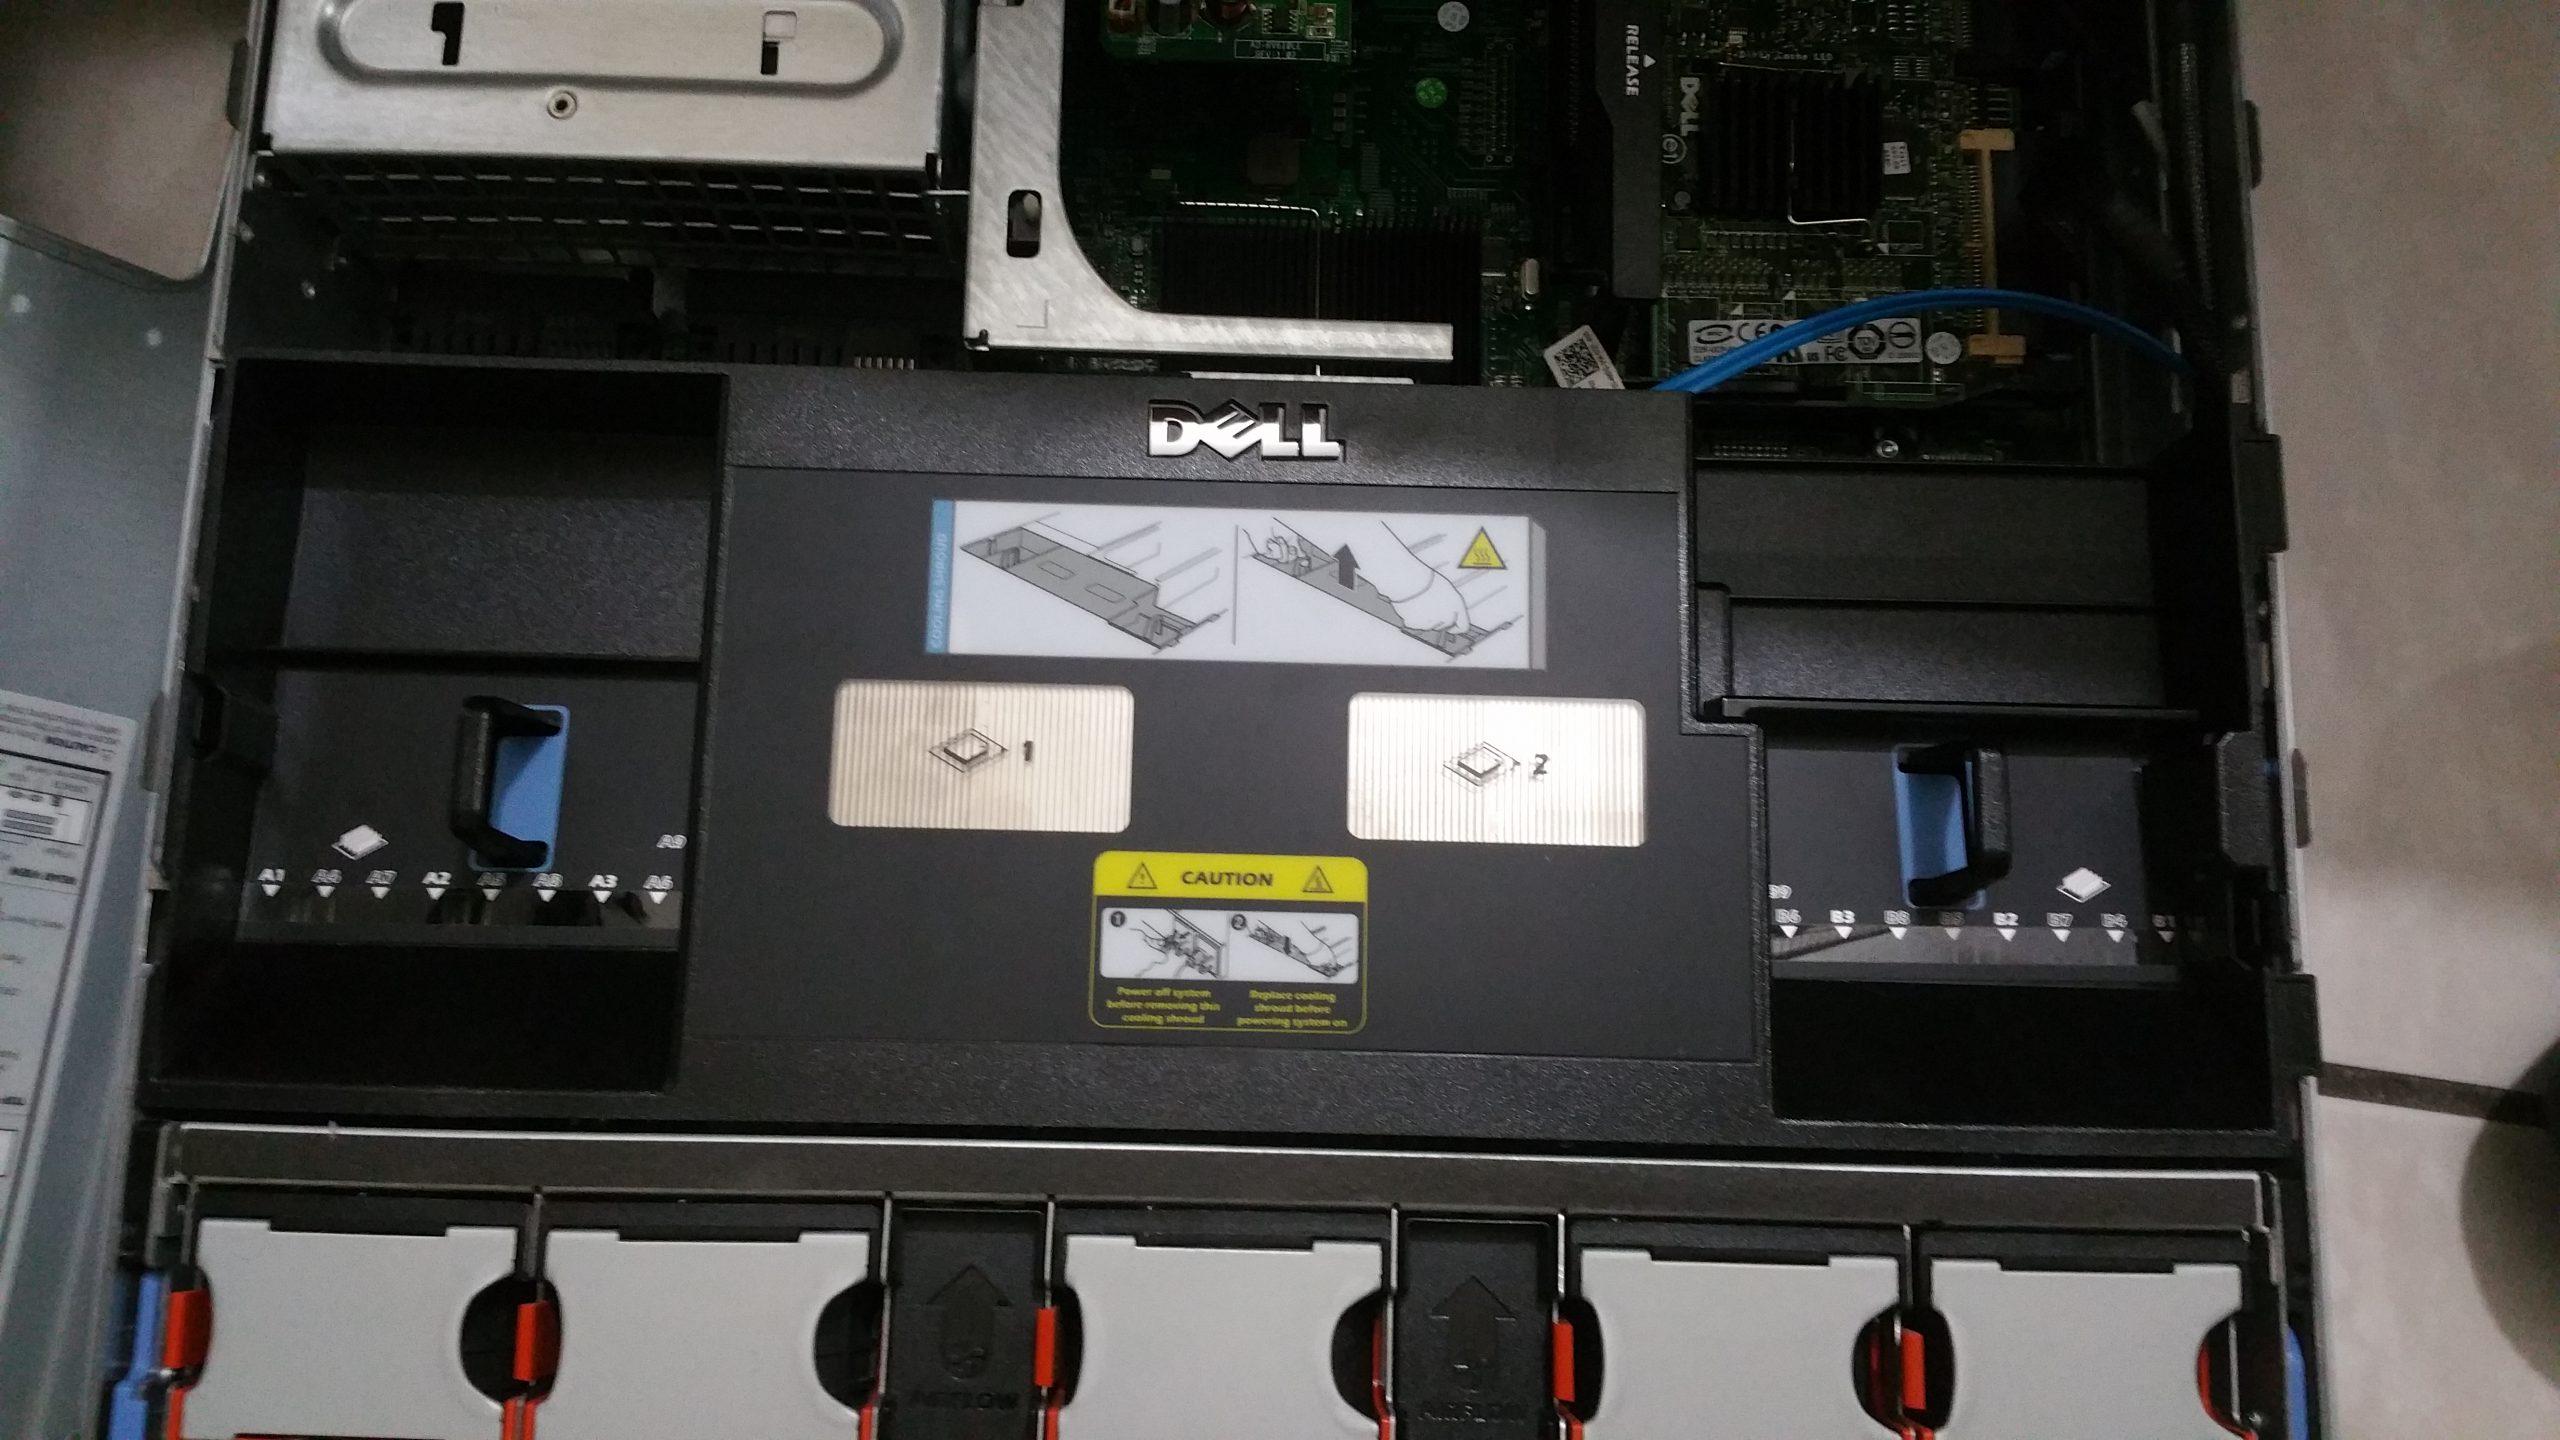 Intel Xeon X5670 - 24